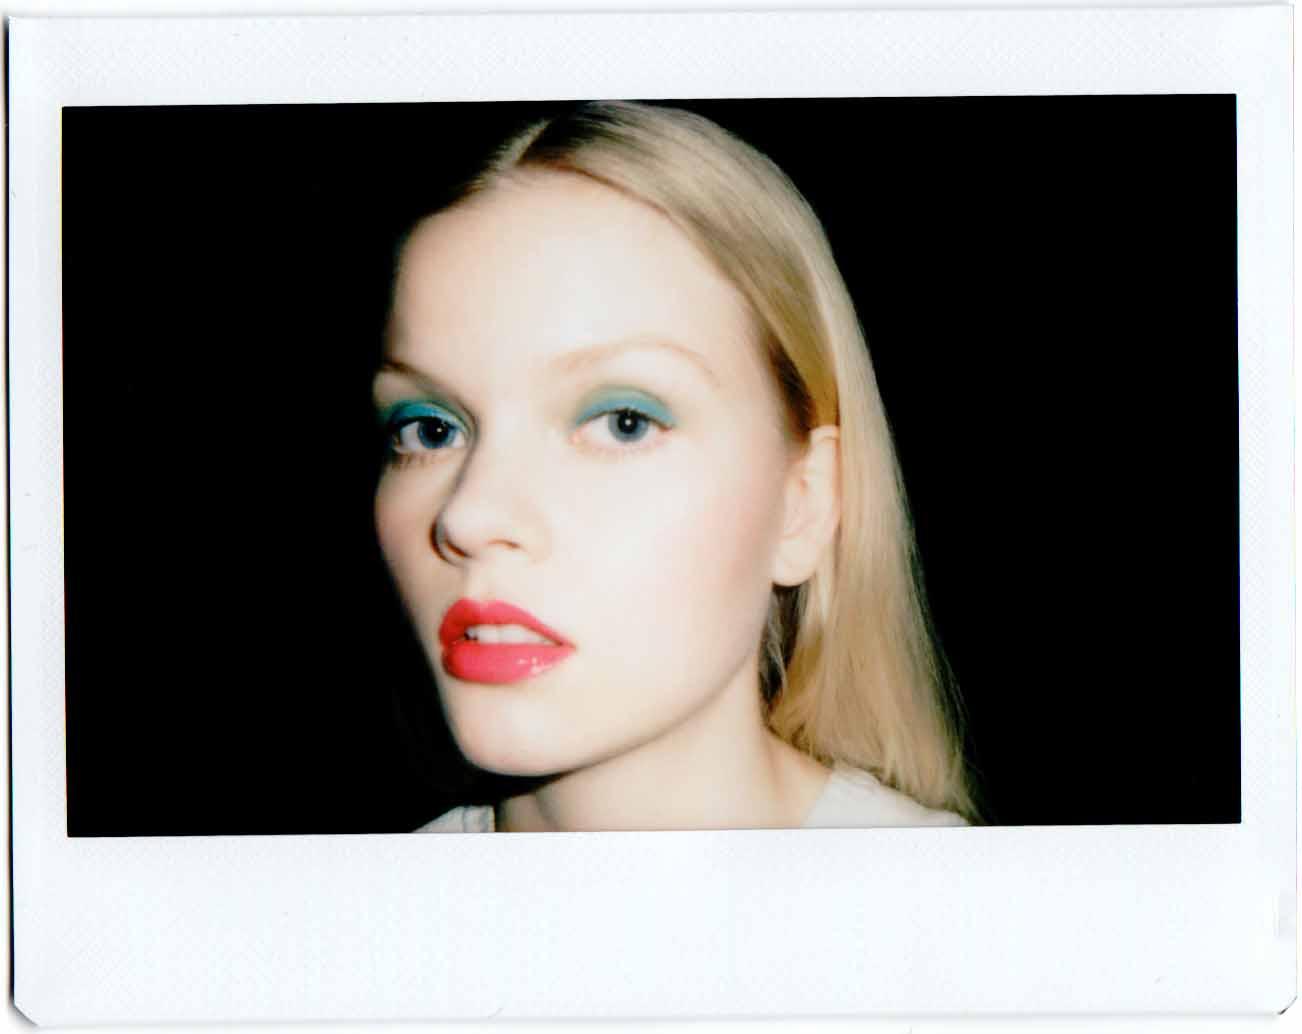 IBejarano_Polaroid1smlv2.jpg